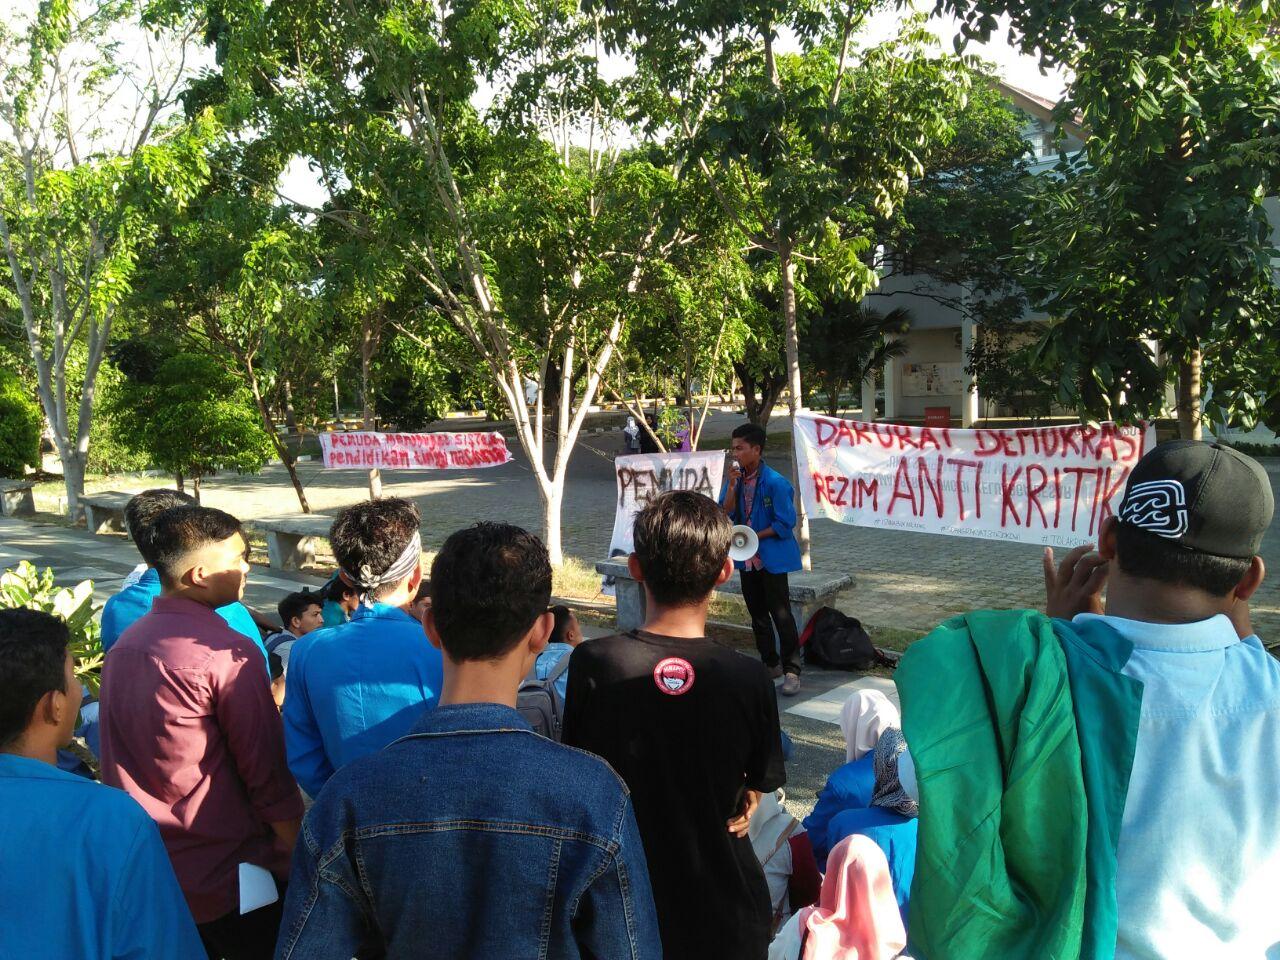 Himapol: Pendidikan Indonesia Ibarat Pabrik